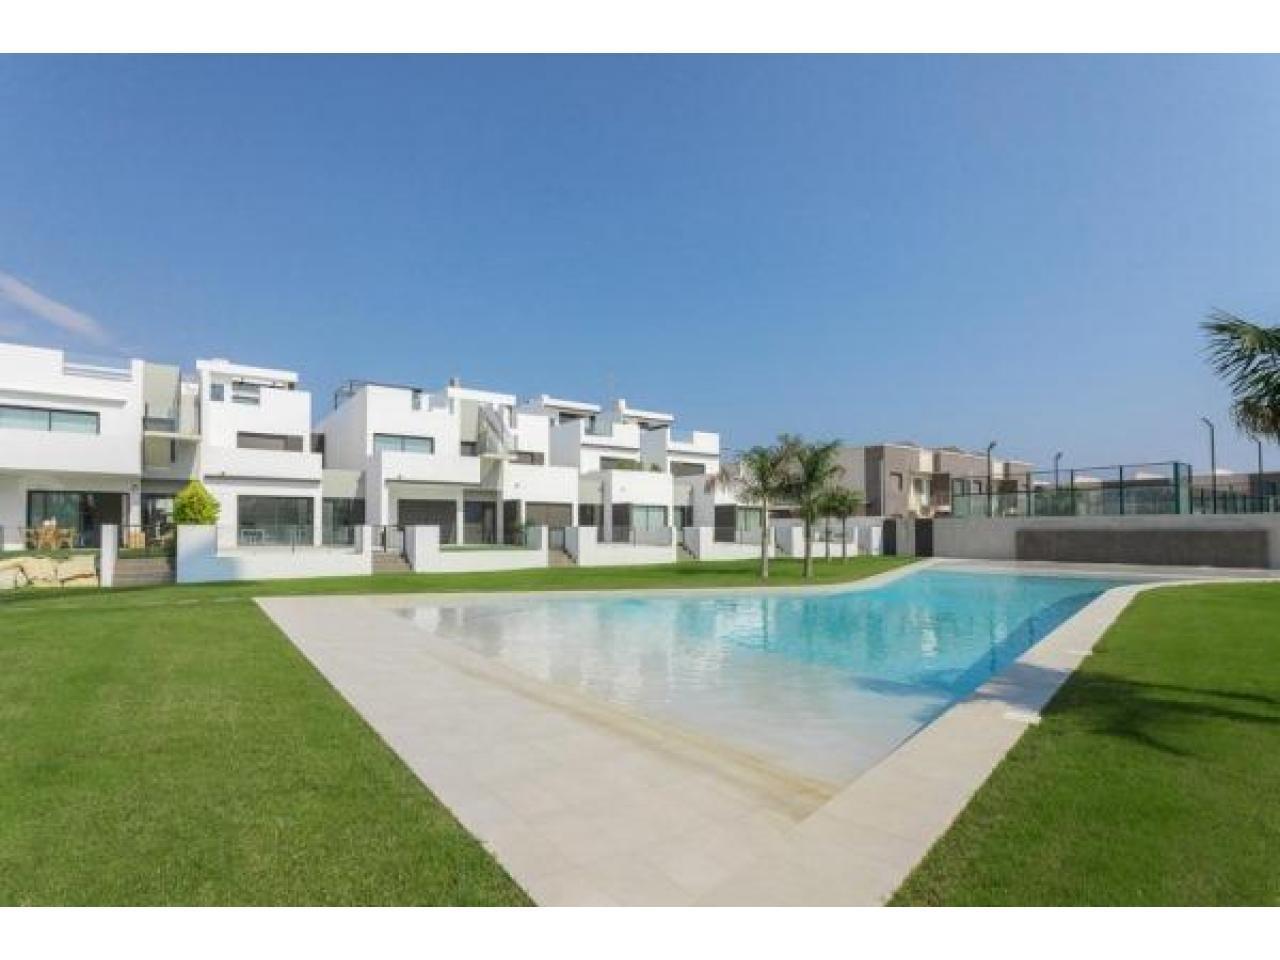 Недвижимость в Испании, Новые бунгало рядом с пляжем от застройщика в Торре де ла Орадада - 1